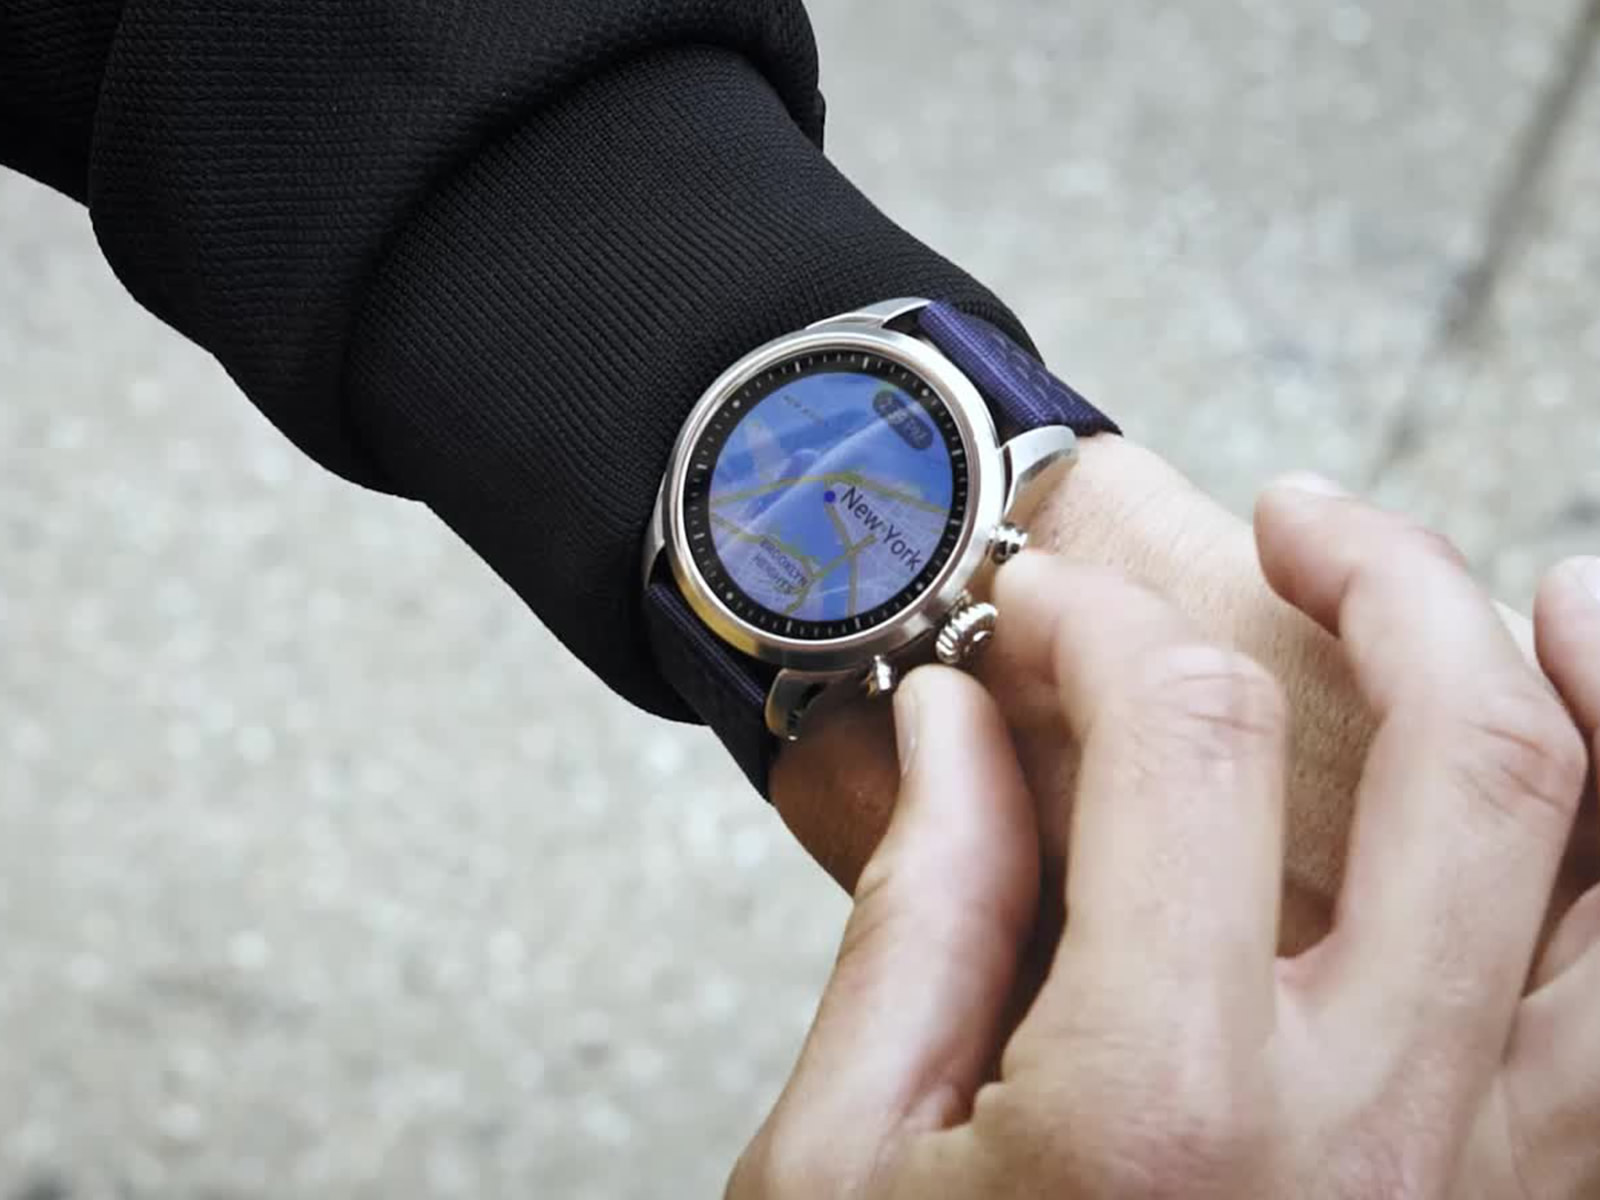 montblanc-summit-2-smartwatch-13-.jpg